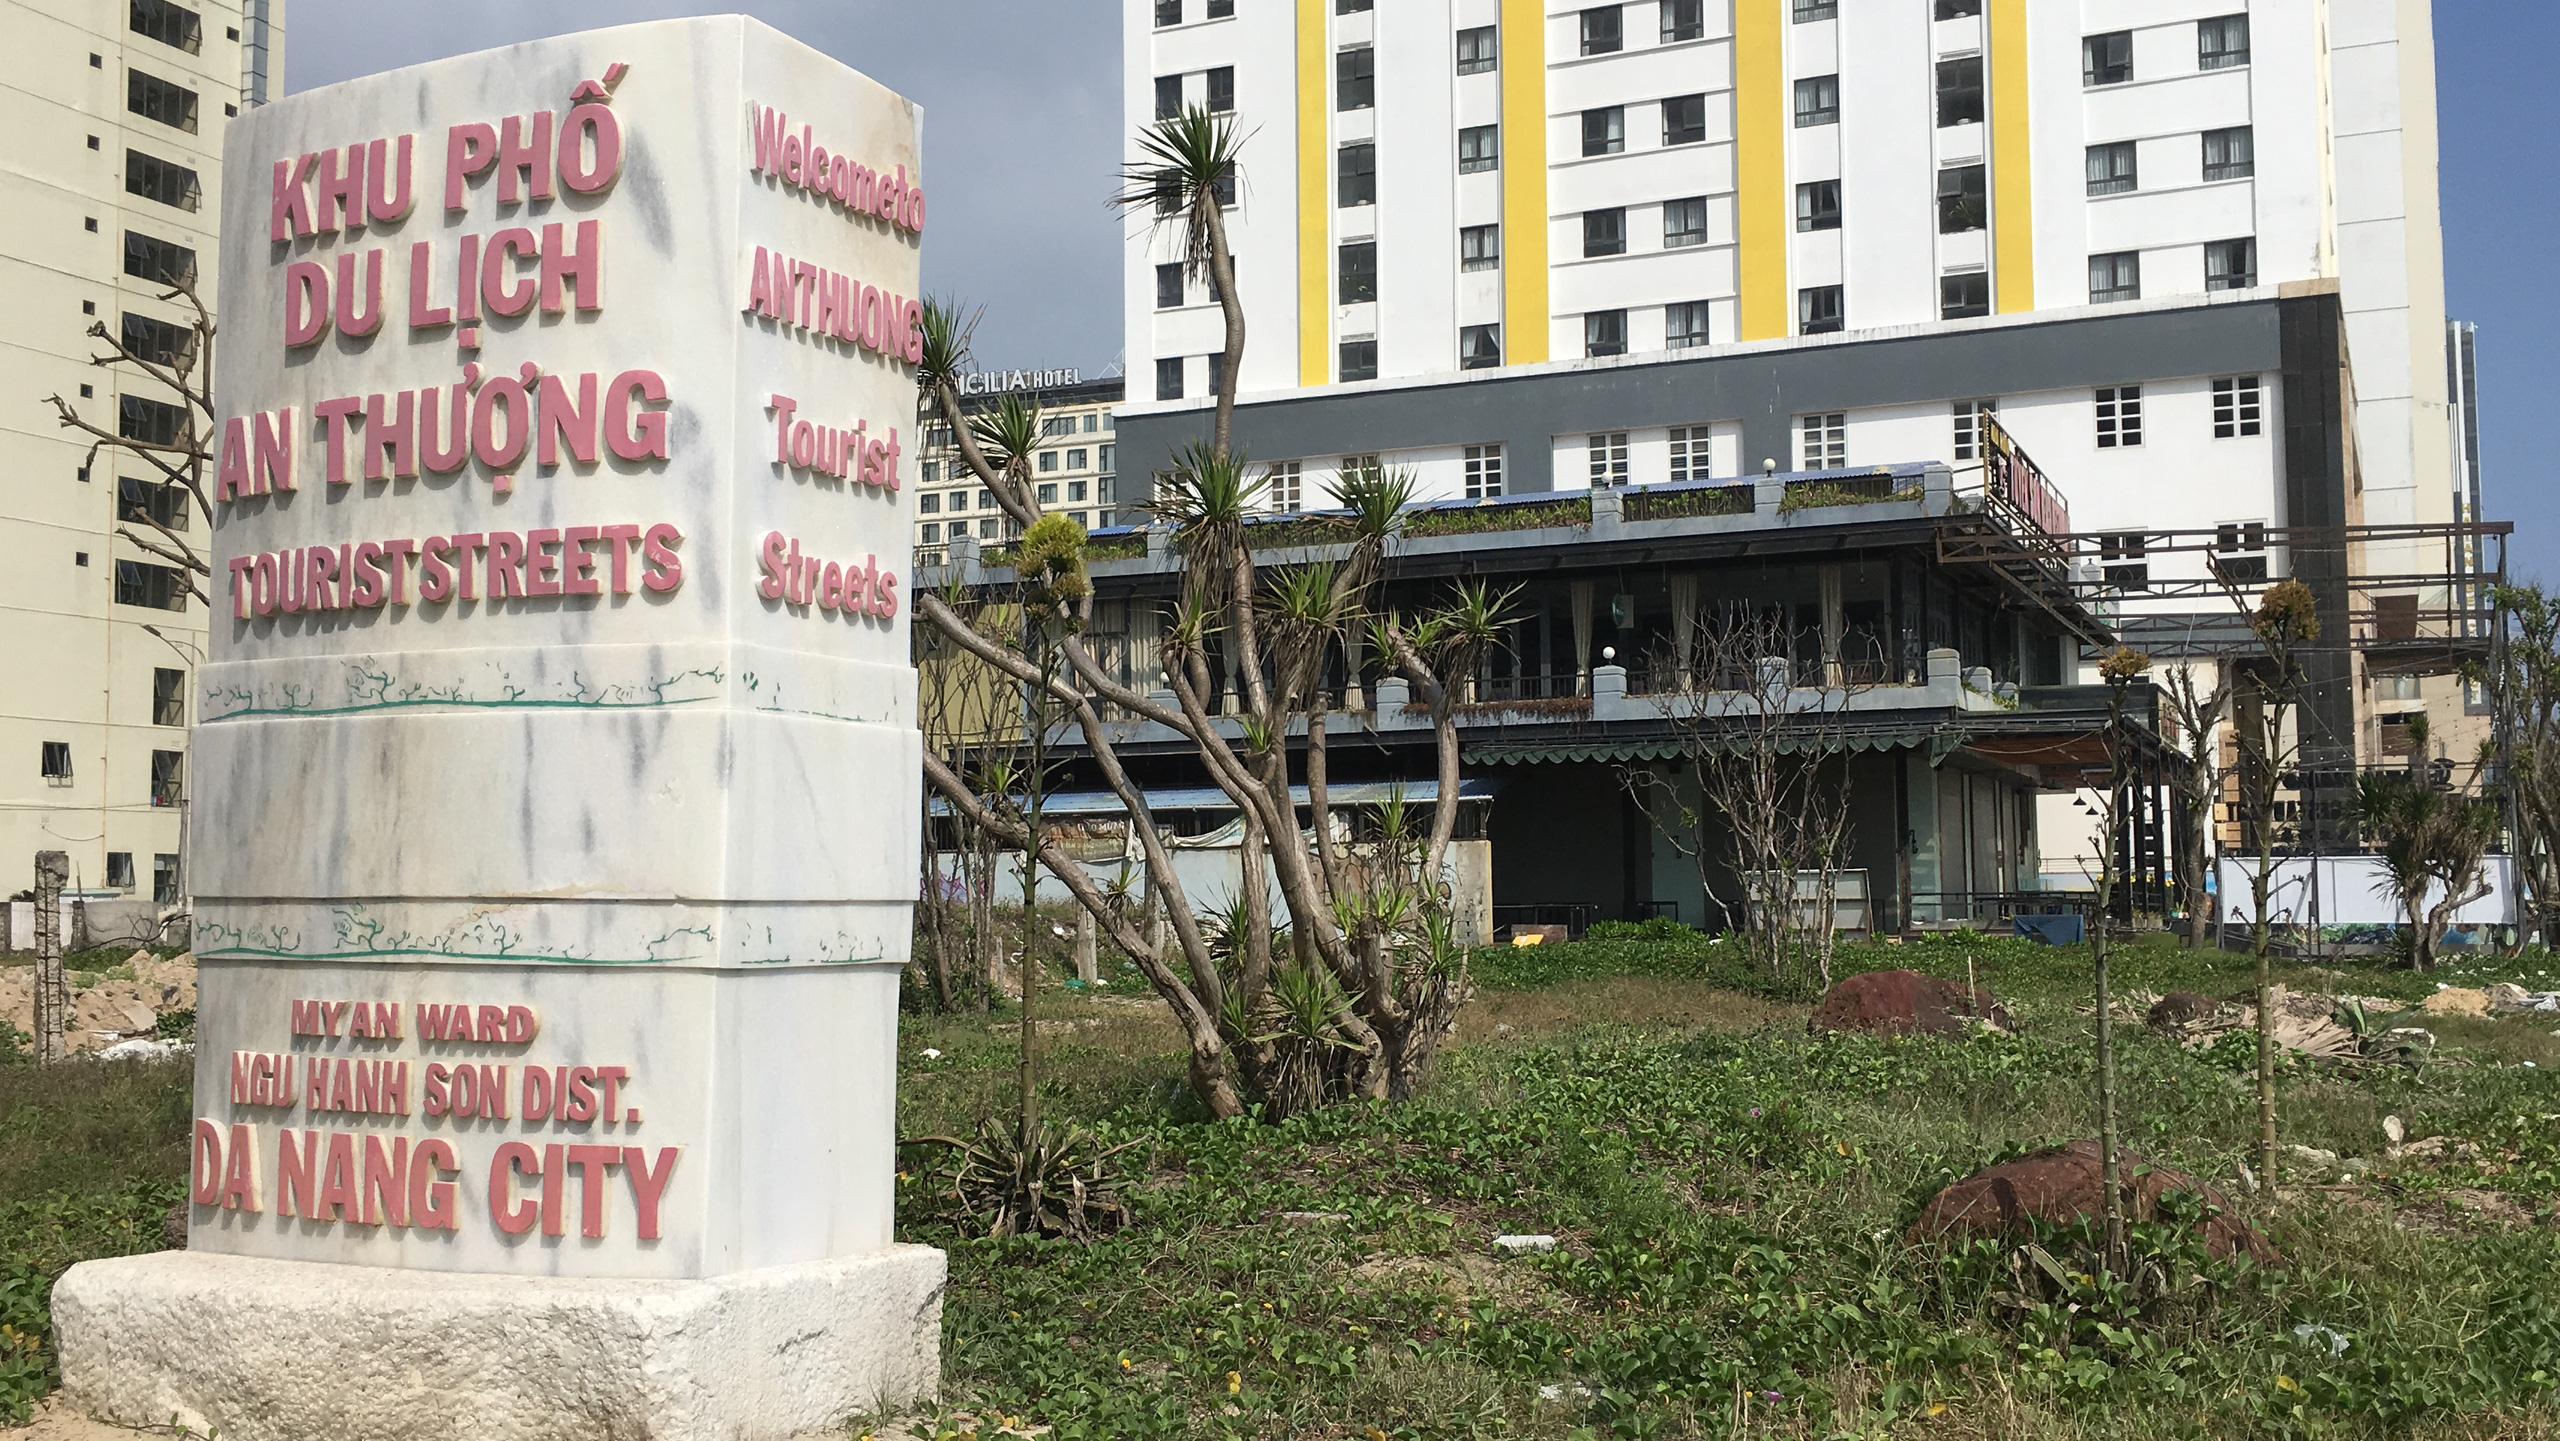 Rao bán nhà ồ ạt ở phố Tây Đà Nẵng, thấp nhất 110 triệu/m2 - Ảnh 3.